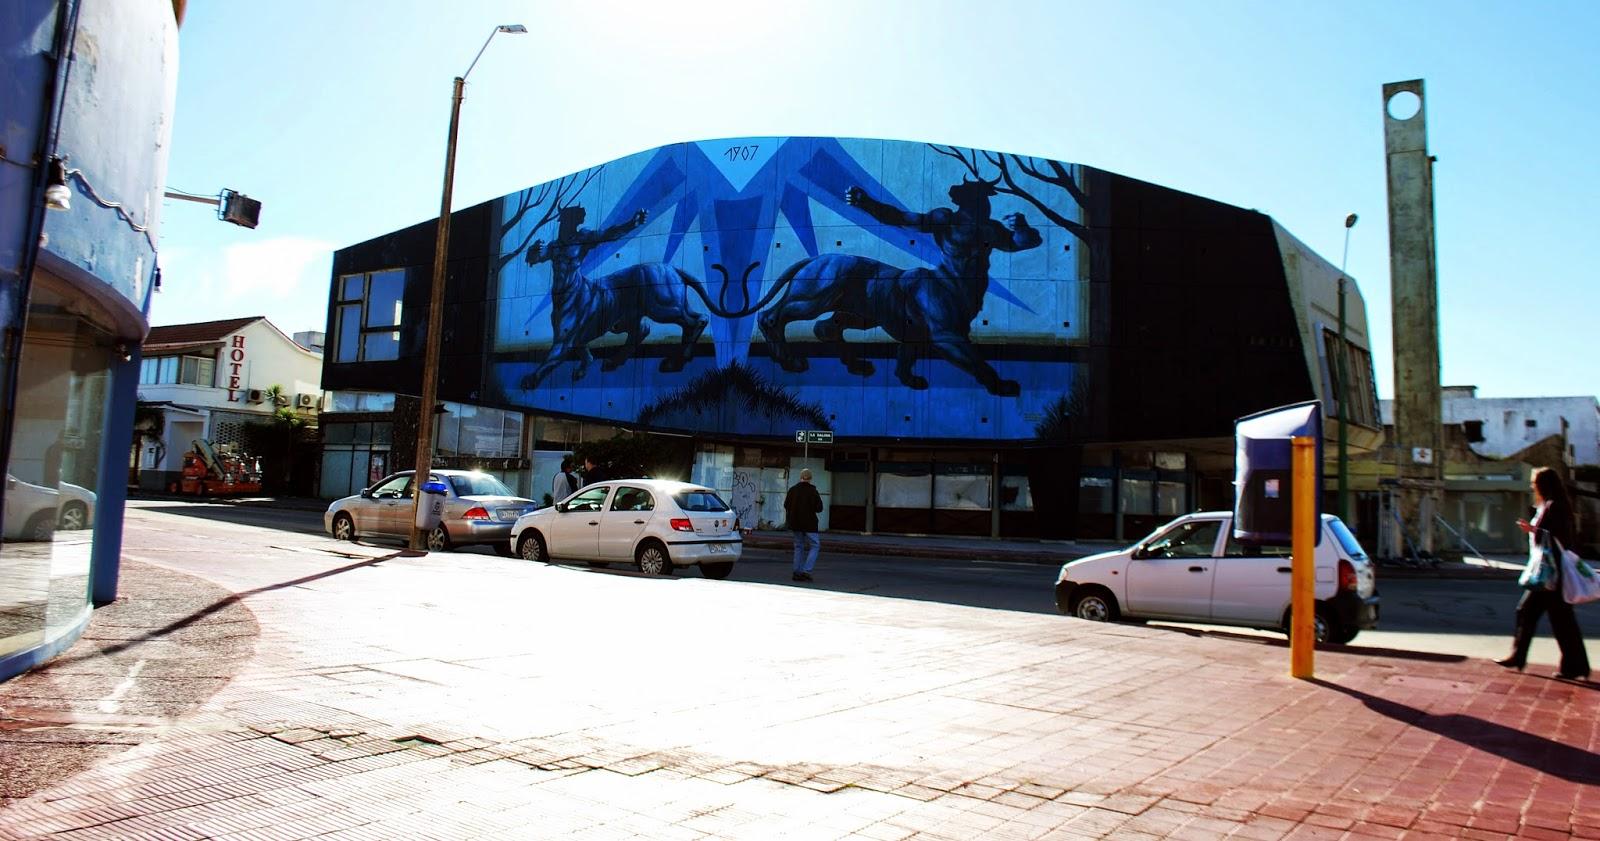 jaz-new-mural-in-punta-del-este-uruguay-04